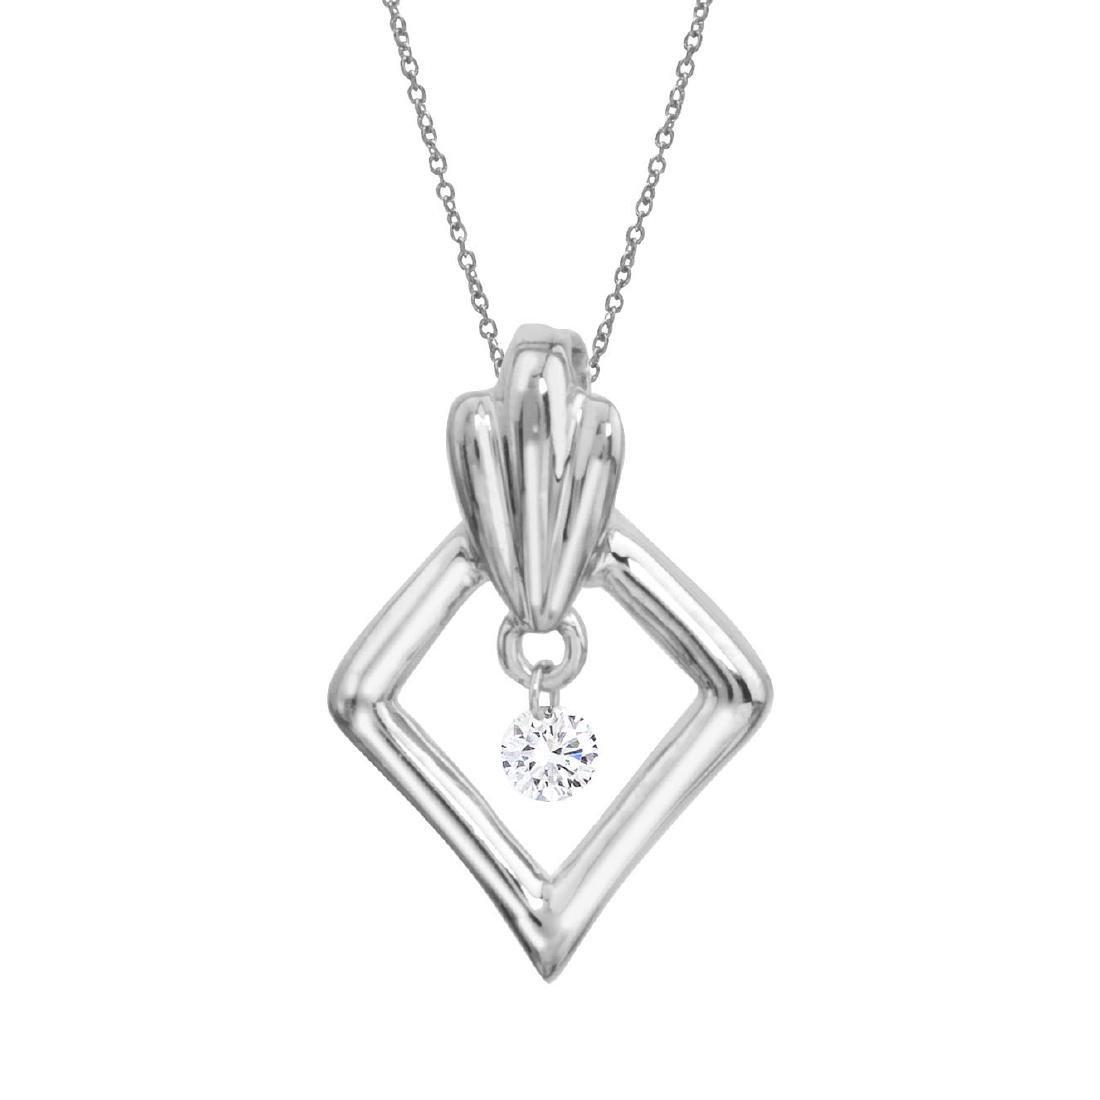 Certified 14K White Gold Dashing Diamonds Pendant 0.05